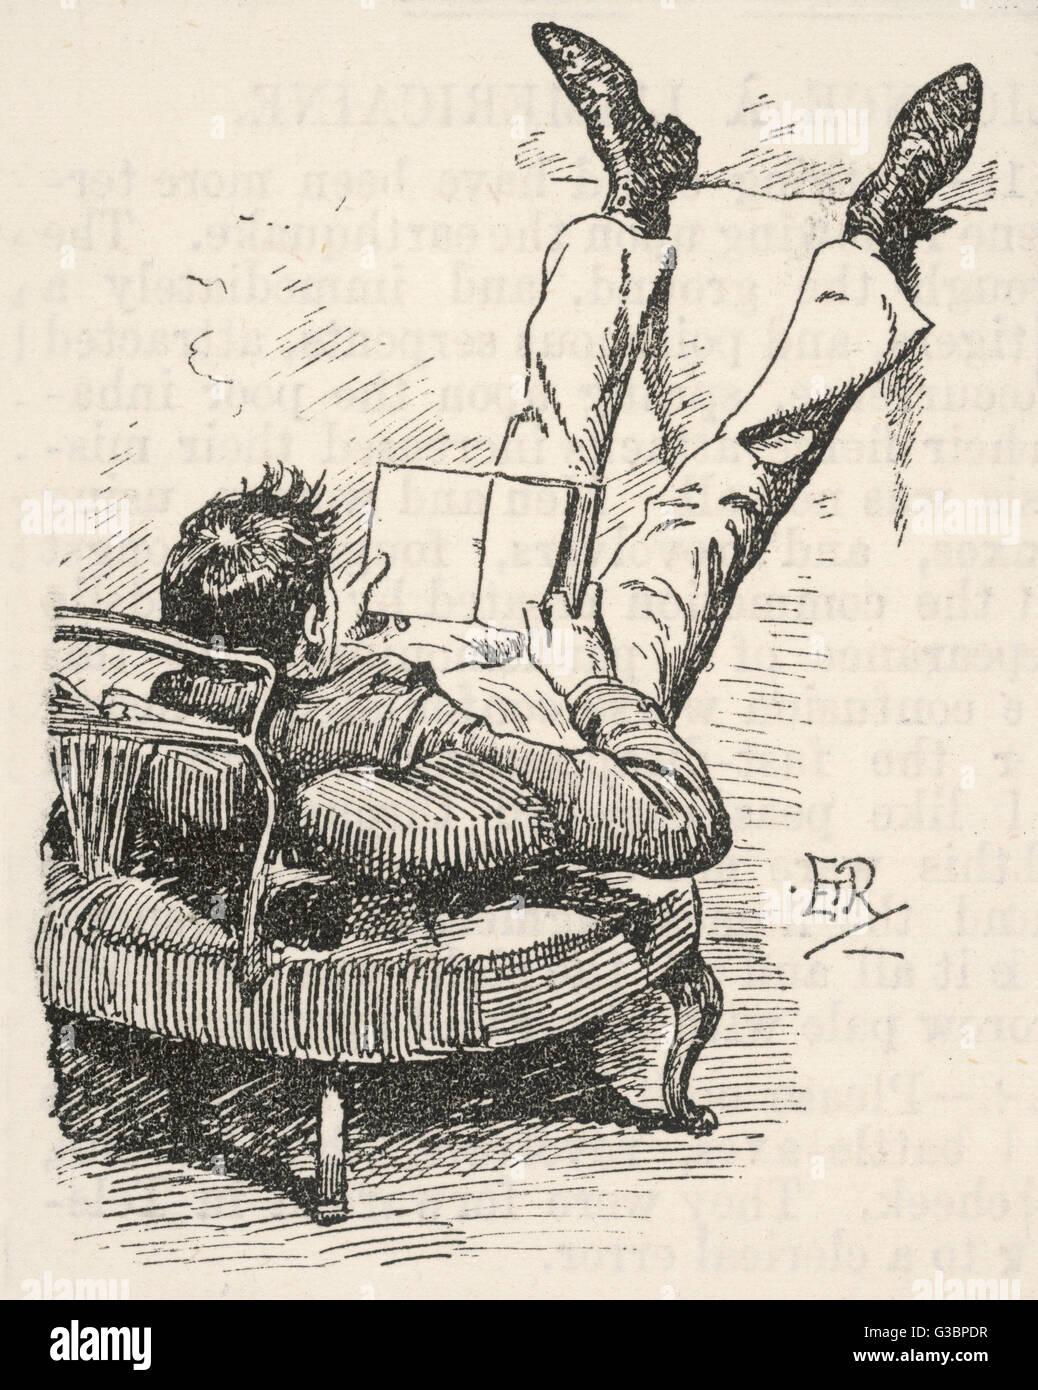 Un jeune homme, avec son haut du corps calé sur des coussins sur un lit de jour, pose ses pieds sur un rebord Photo Stock